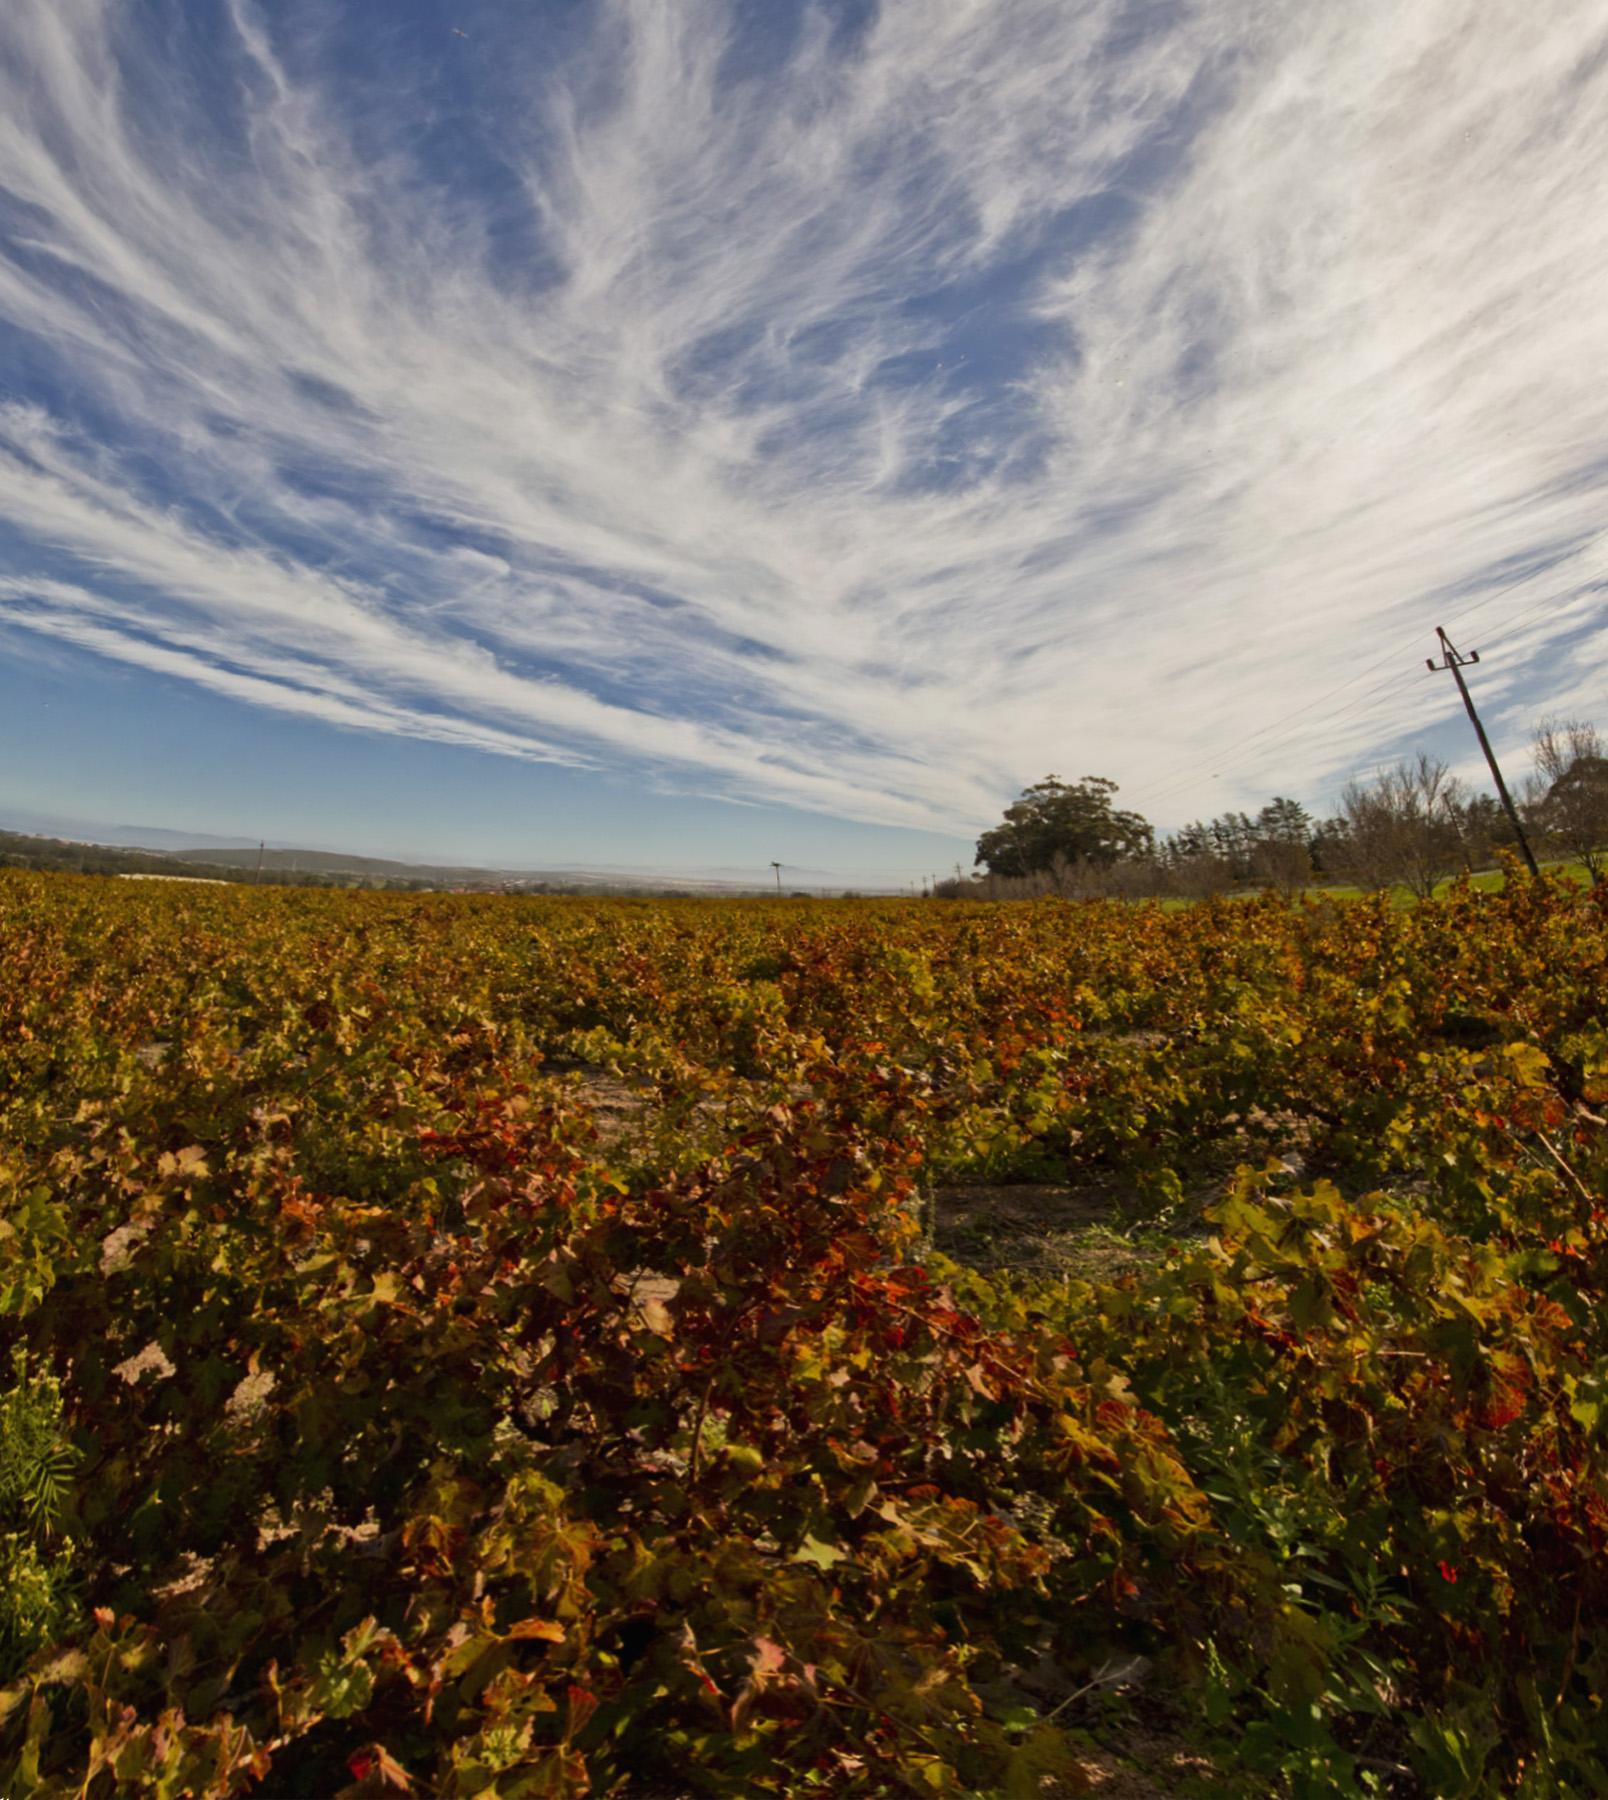 somerset west winelands